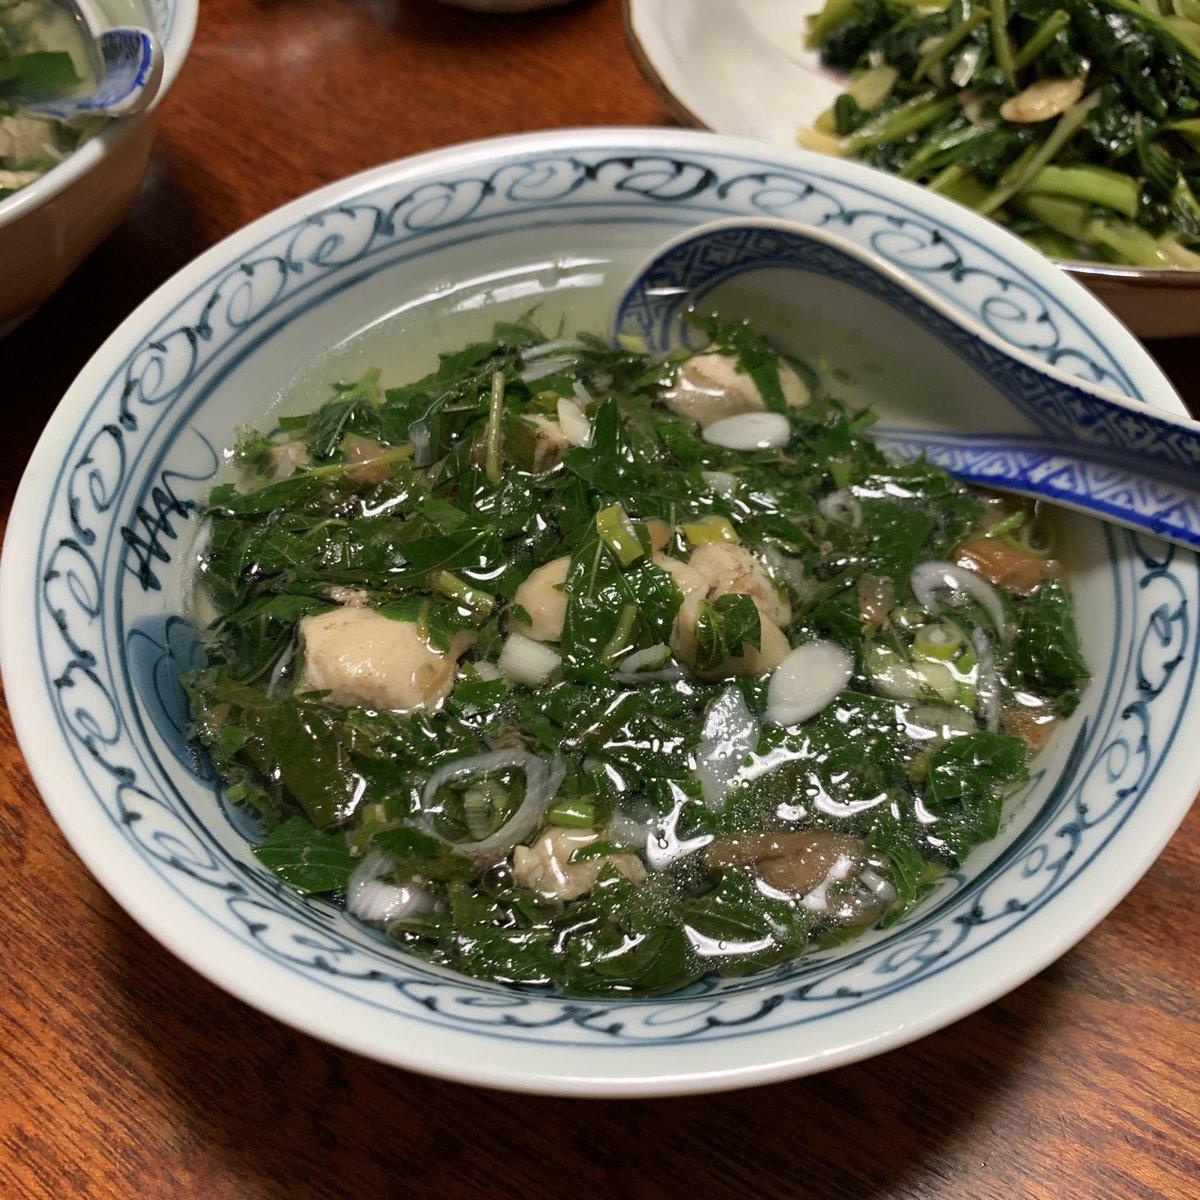 麦茶スープが美味しすぎて、今度は採れたてモロヘイヤも薬味として熱々チキンスープにどっさり入れてみました。梅以外、ネギ、大葉も採れたてです。薬味どっさり、うまみたっぷりチキンスープ|有賀薫 @kaorun6 |スープ・レッスン #家庭菜園 #スープ365